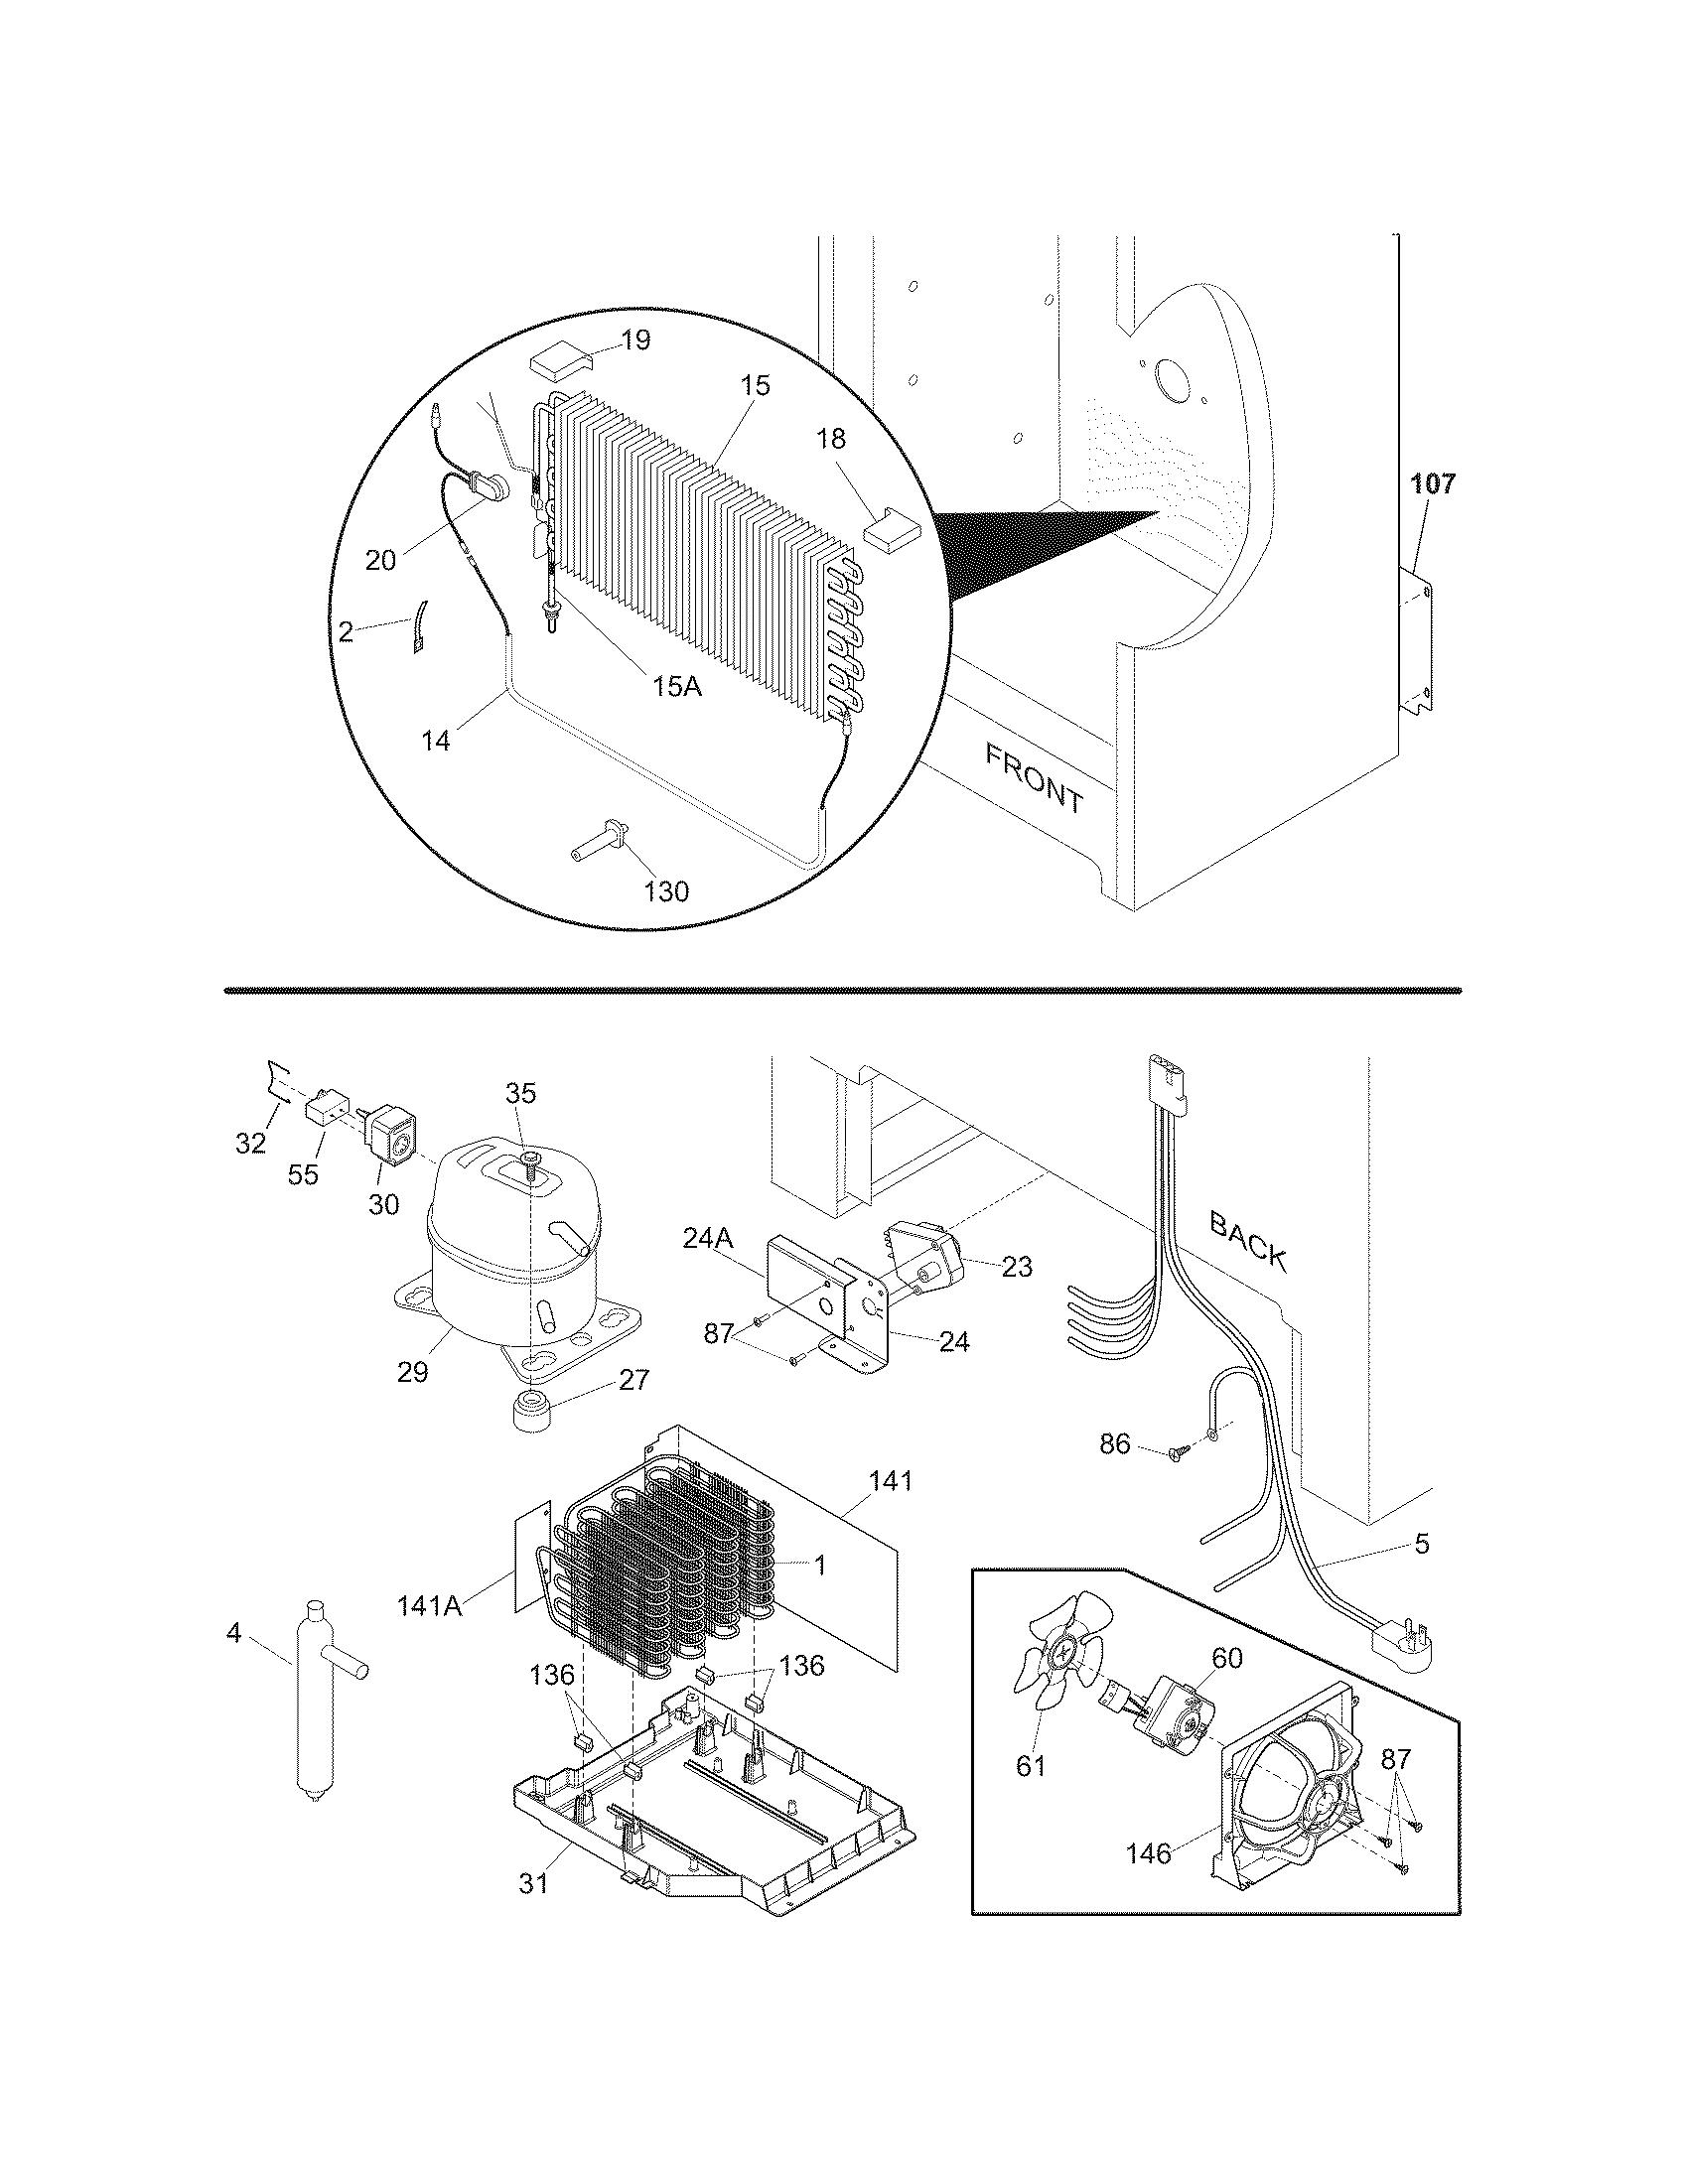 freezer wiring schematic sears 106 720461